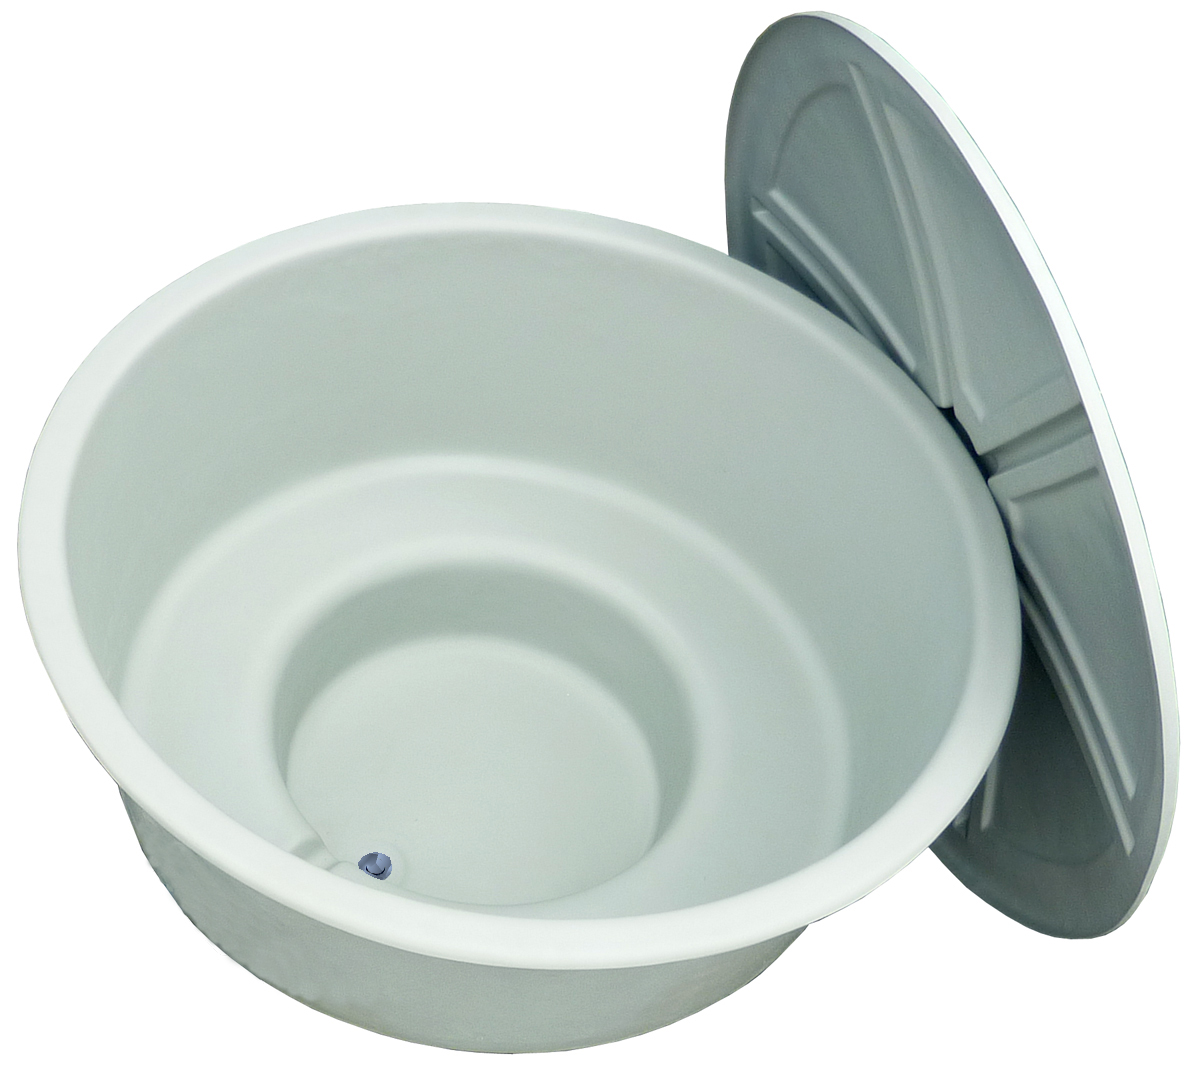 Inredning badtunna plast vedeldad : plastinsats badtunna, badtunna utan vedkamin